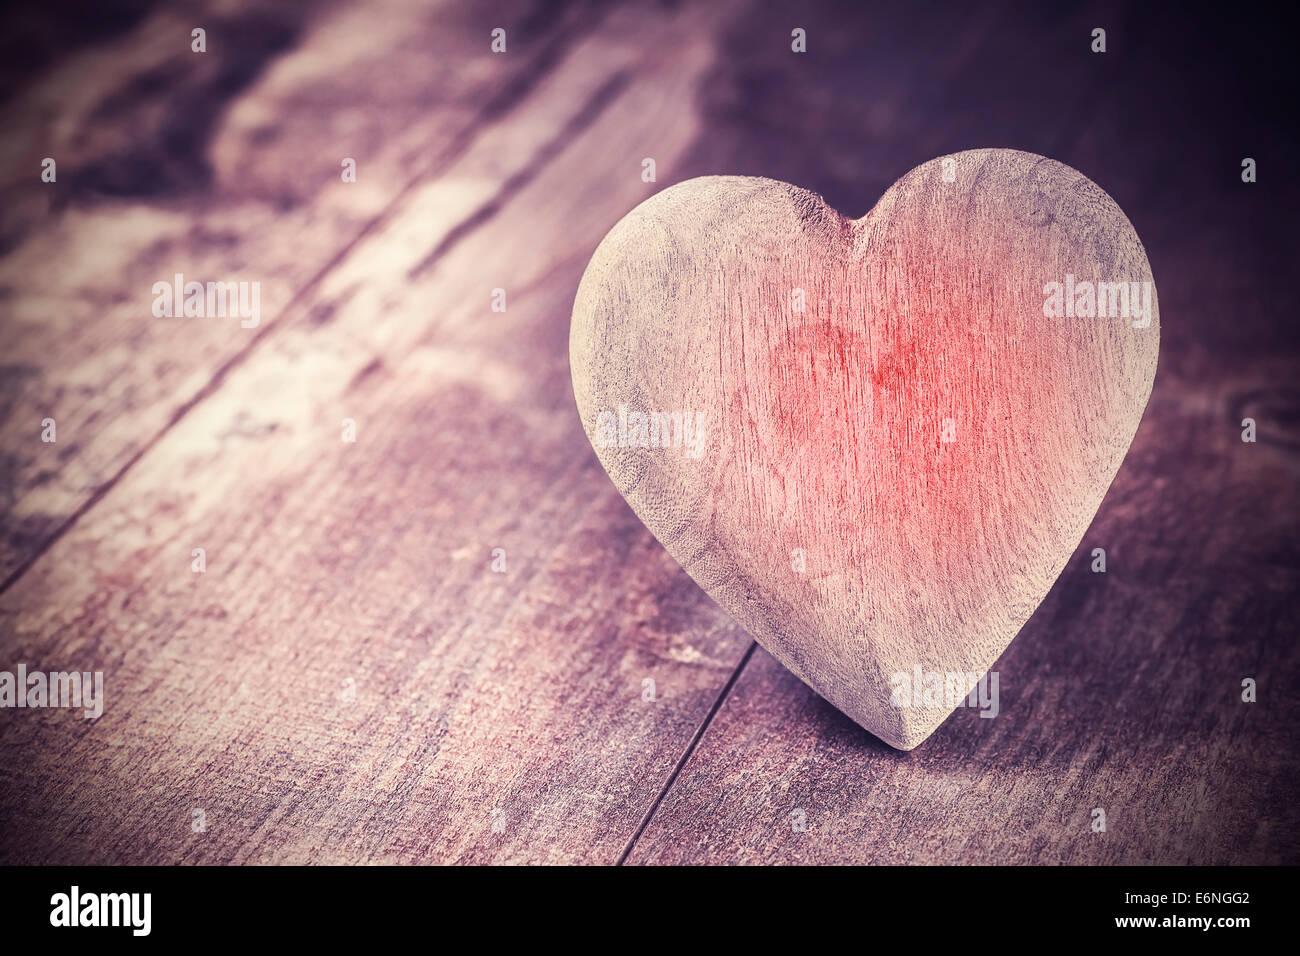 Estilo Vintage corazón sobre fondo de madera rústica, espacio de texto. Imagen De Stock